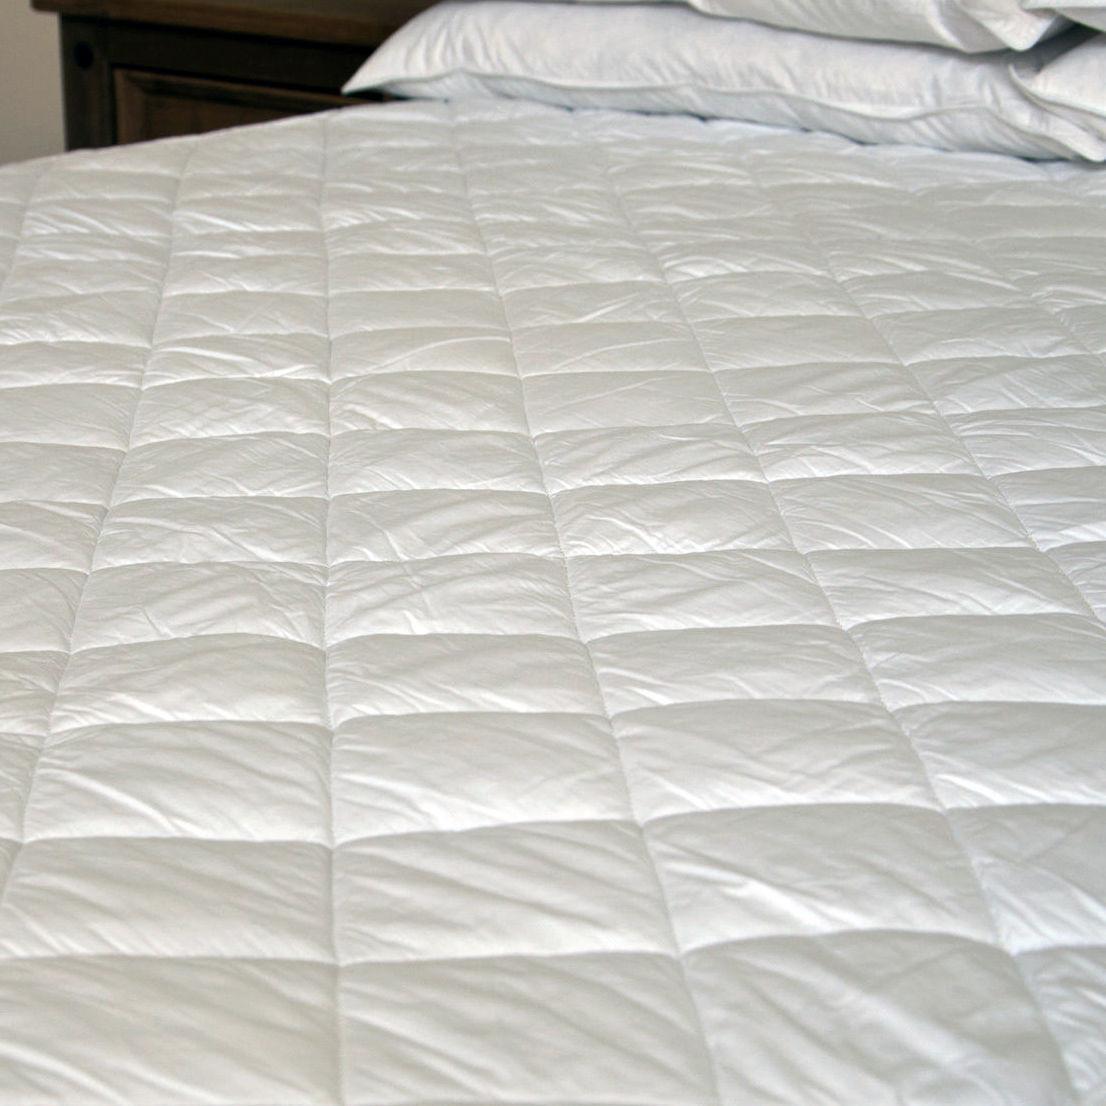 Super Soft Deep Quilted 100% Cotton Mattress Protector 15  Deep Skirt